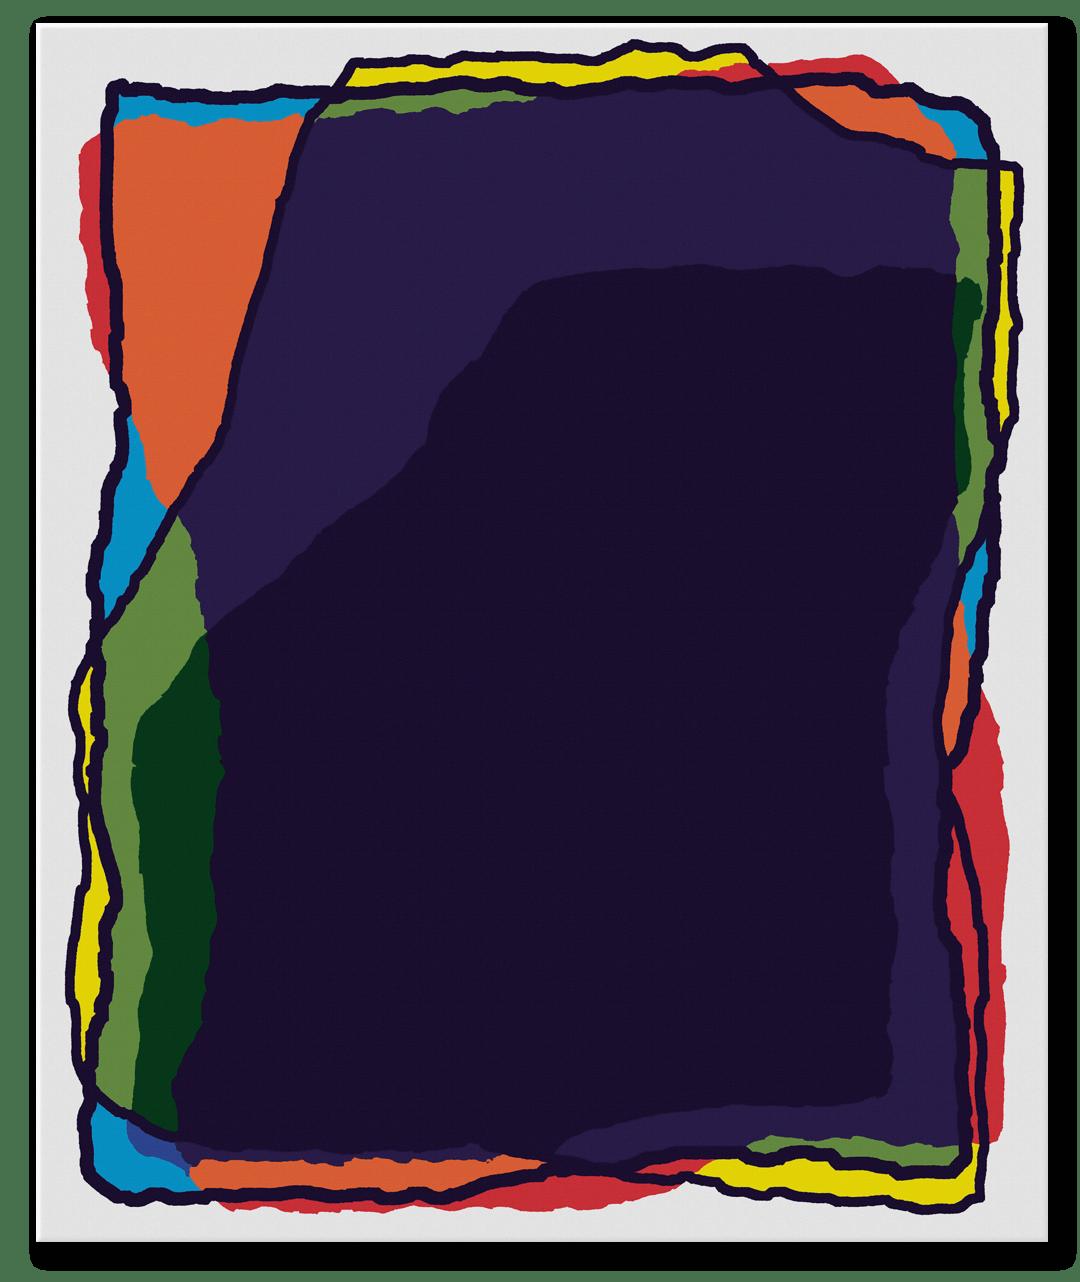 sketch01_portfolio_1